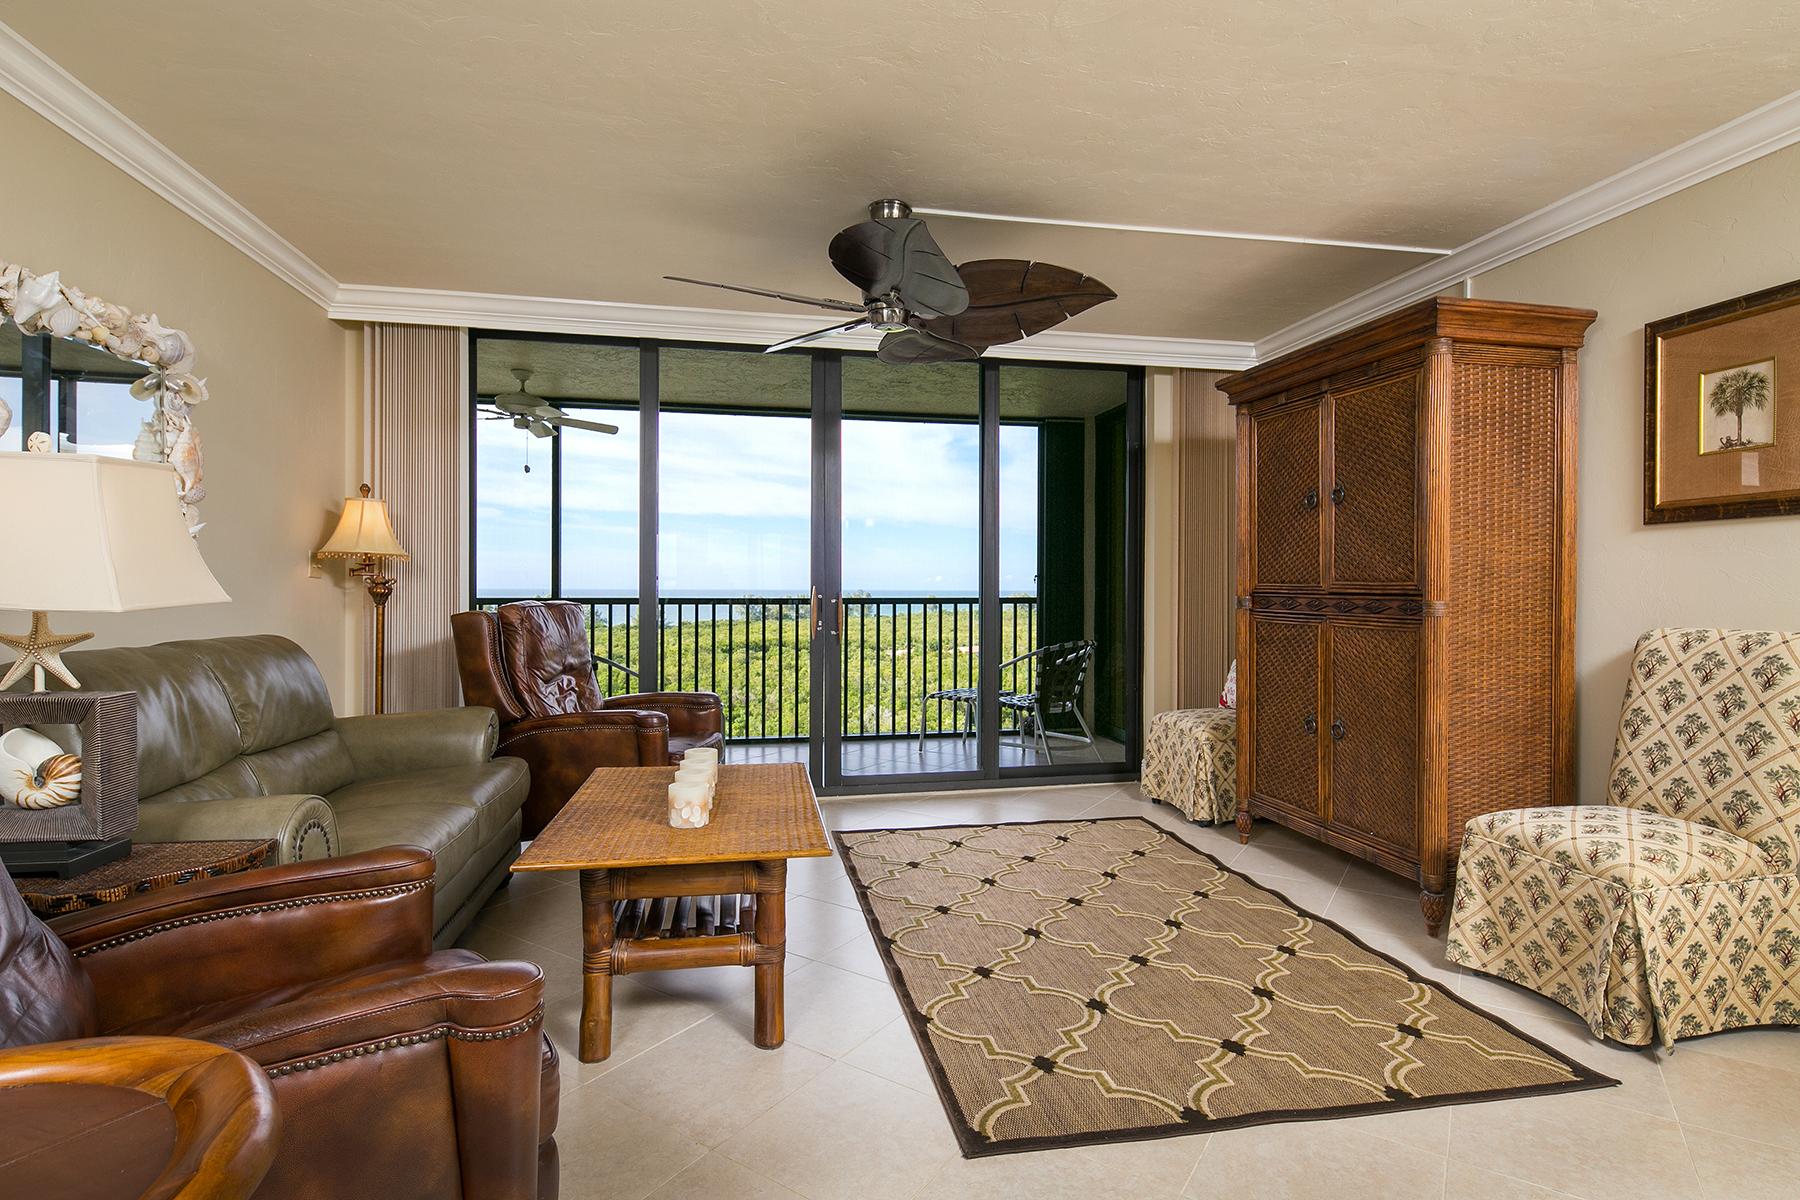 Кооперативная квартира для того Продажа на VANDERBILT SURF COLONY 17 Bluebill Ave 1003 Naples, Флорида, 34108 Соединенные Штаты